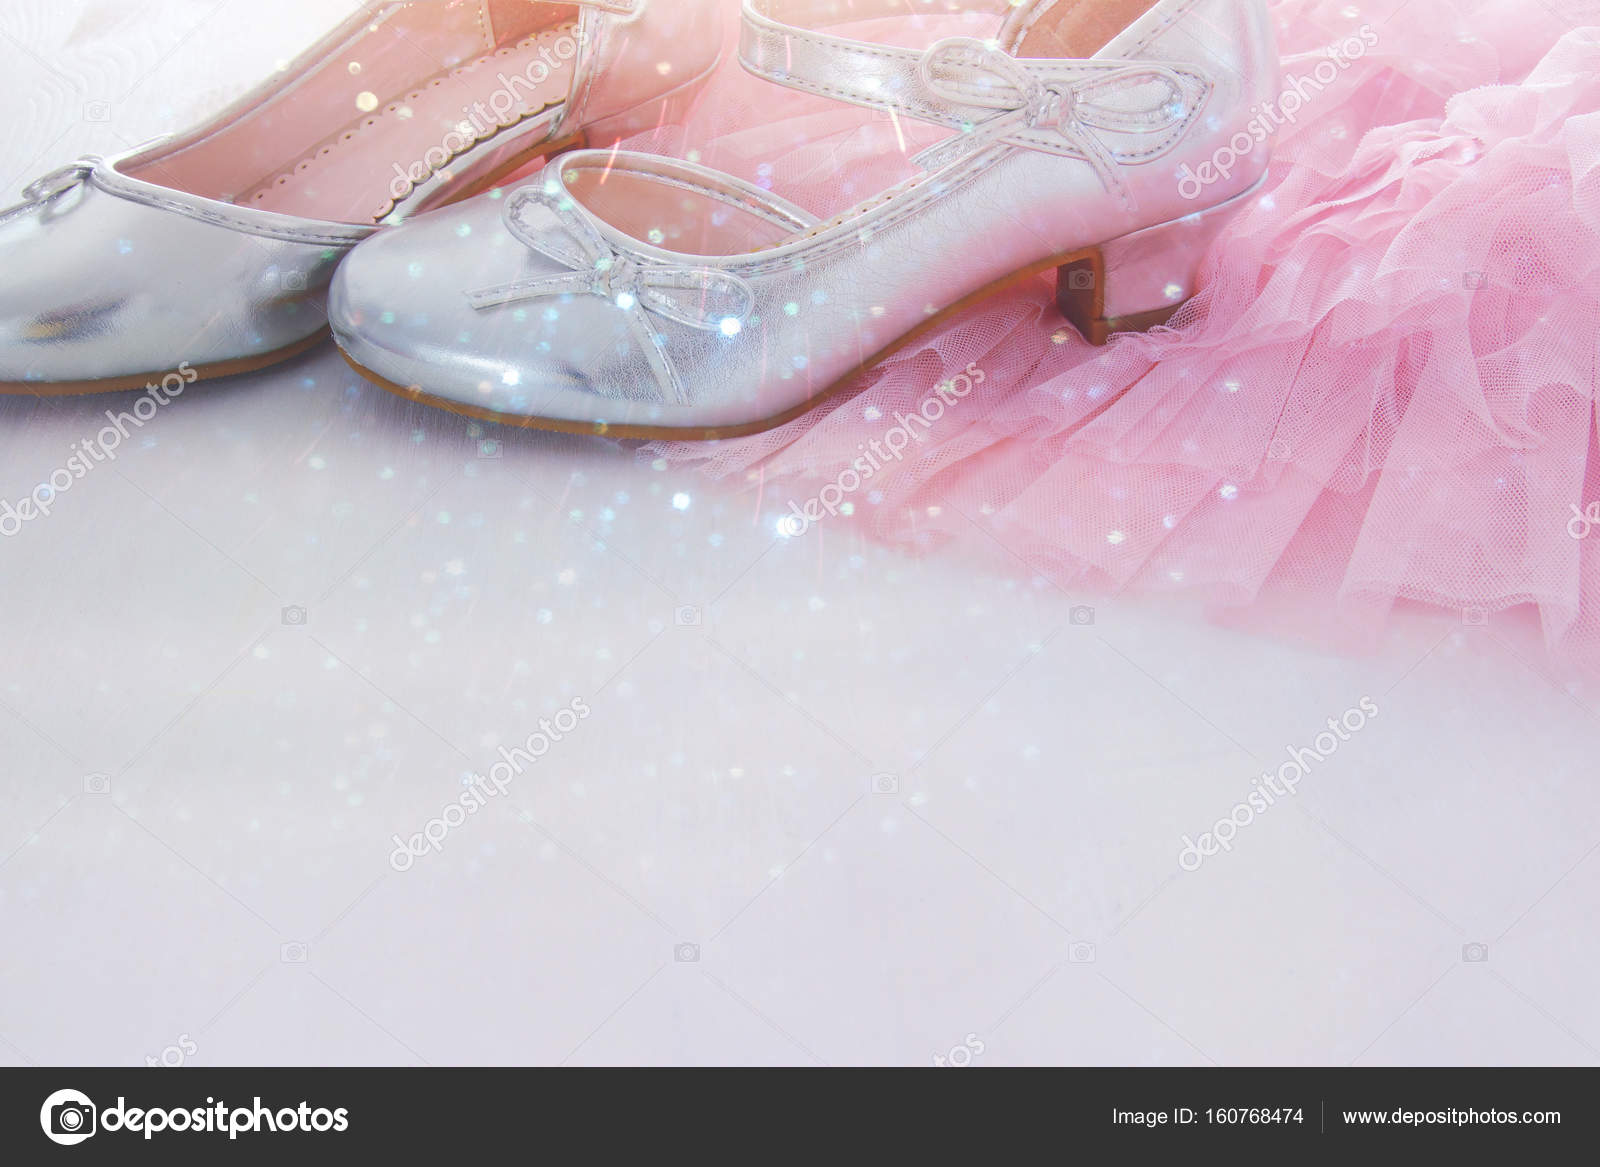 ab277557b9 Vintage rózsaszín tüll chiffon ruha és a fapadló fehér ezüst cipő.  Menyasszonyi, koszorúslány és